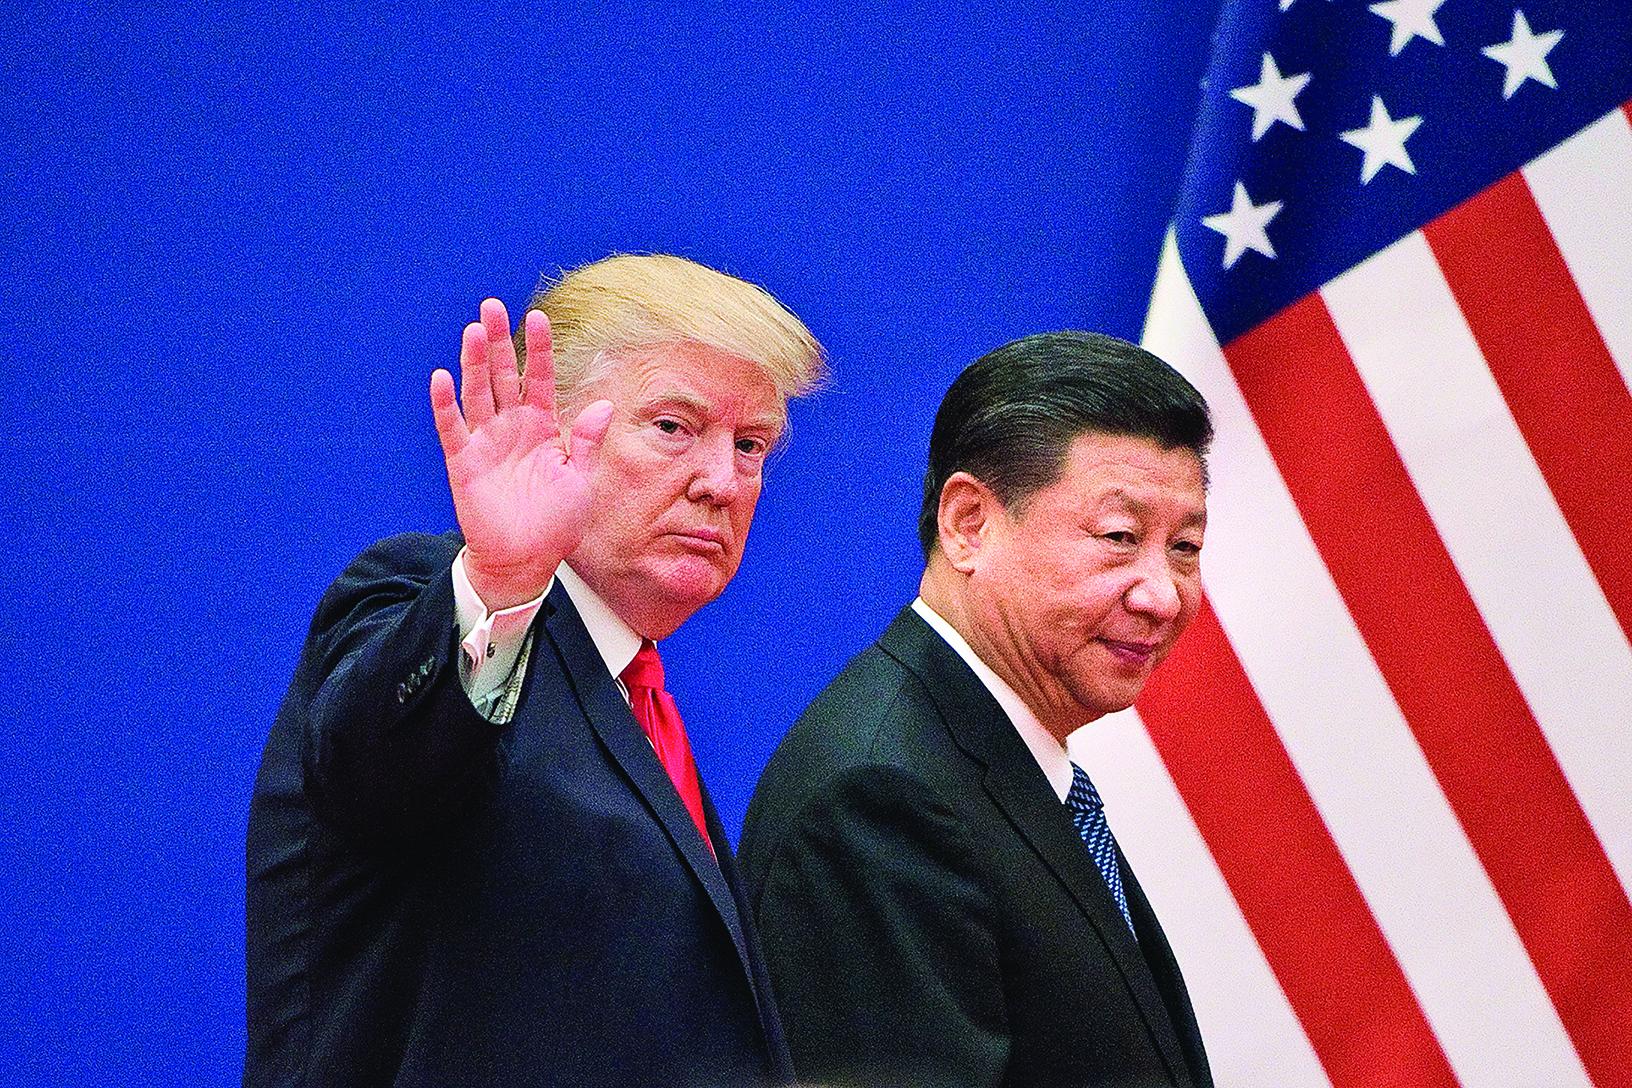 習特會中據信達成中美共同遏制北韓的共識,但這種共識能否達到遏制北韓的結果,這次習近平「特使」對北韓的訪問預計將是關鍵。(AFP)